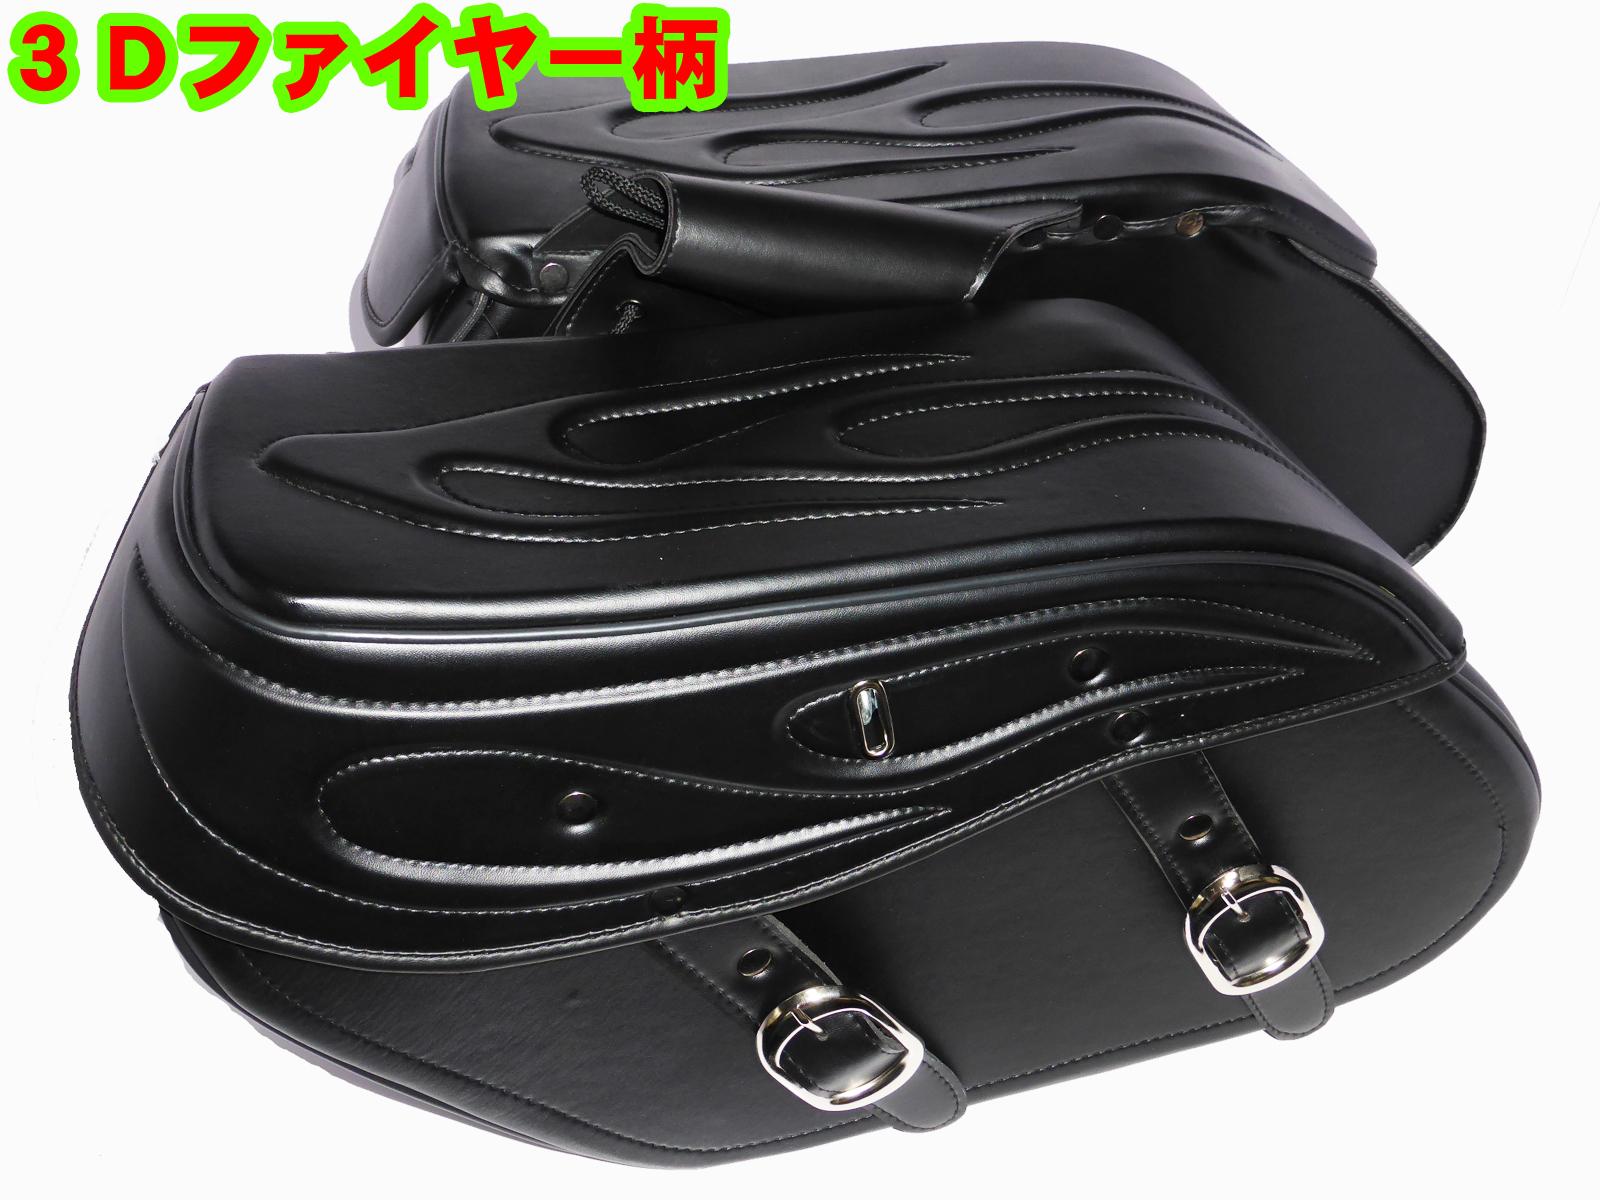 サドルバッグ 3Dファイヤー柄 ブラック LL 32リッター